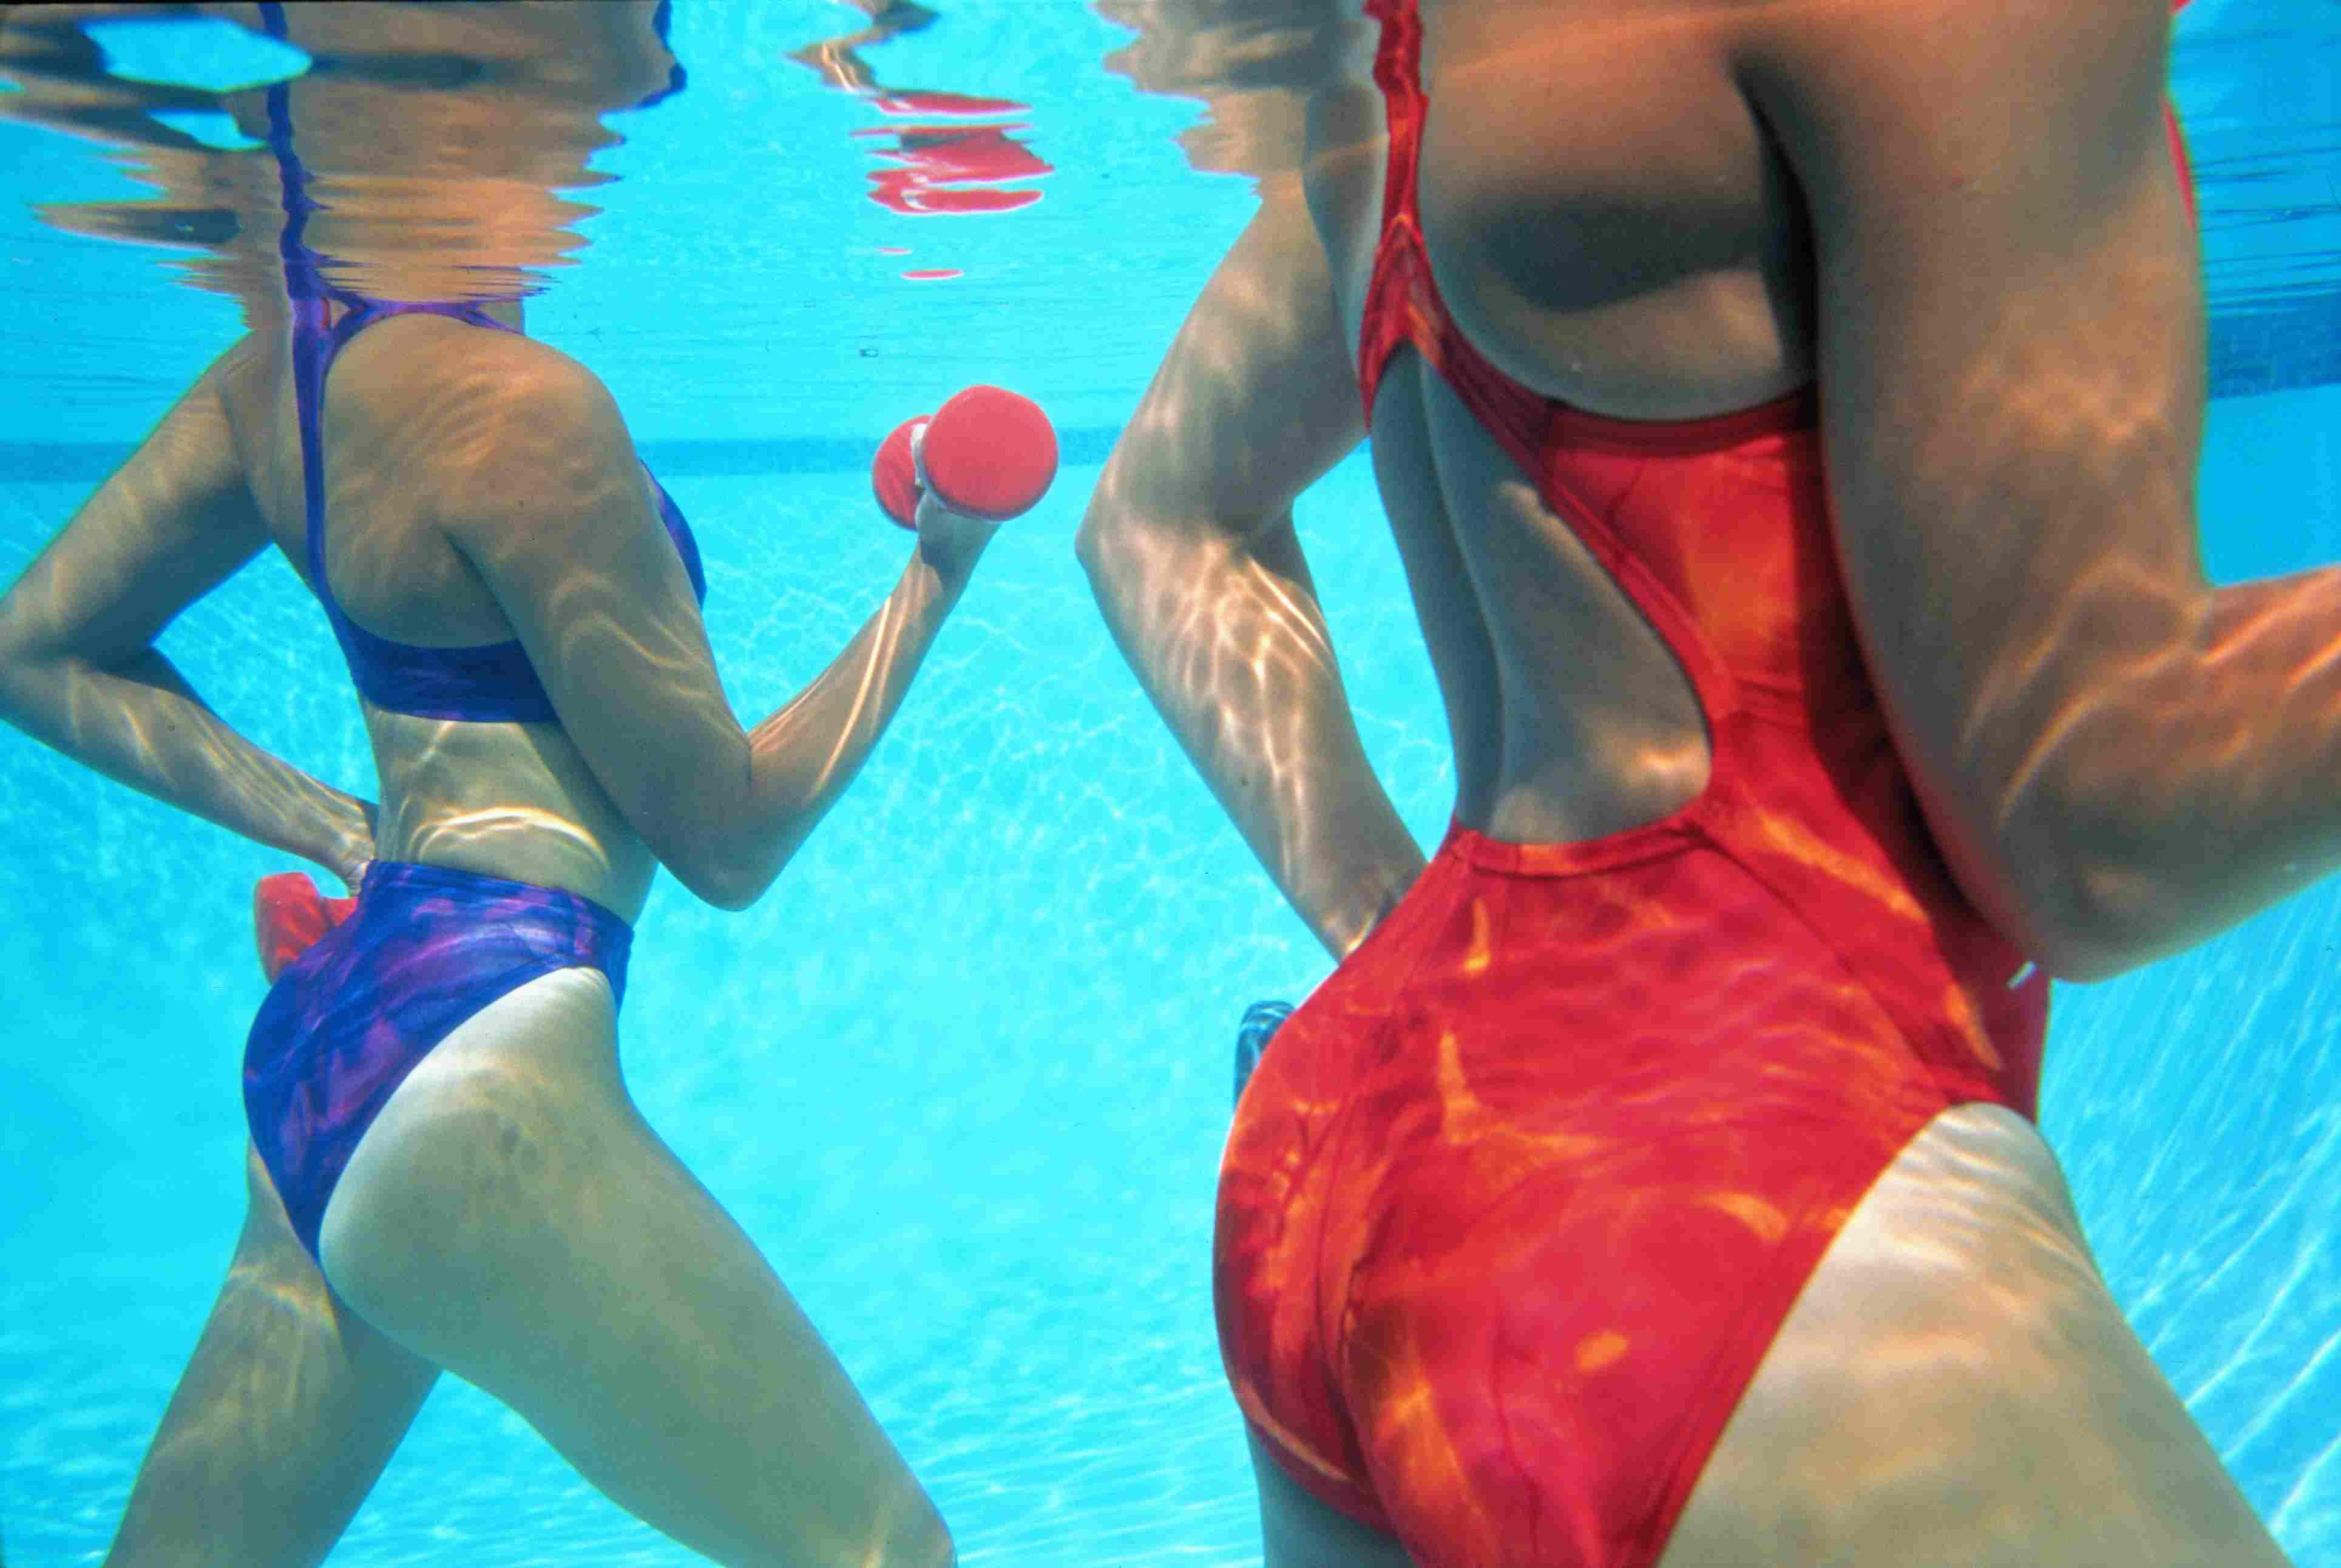 Two women power walk in the water